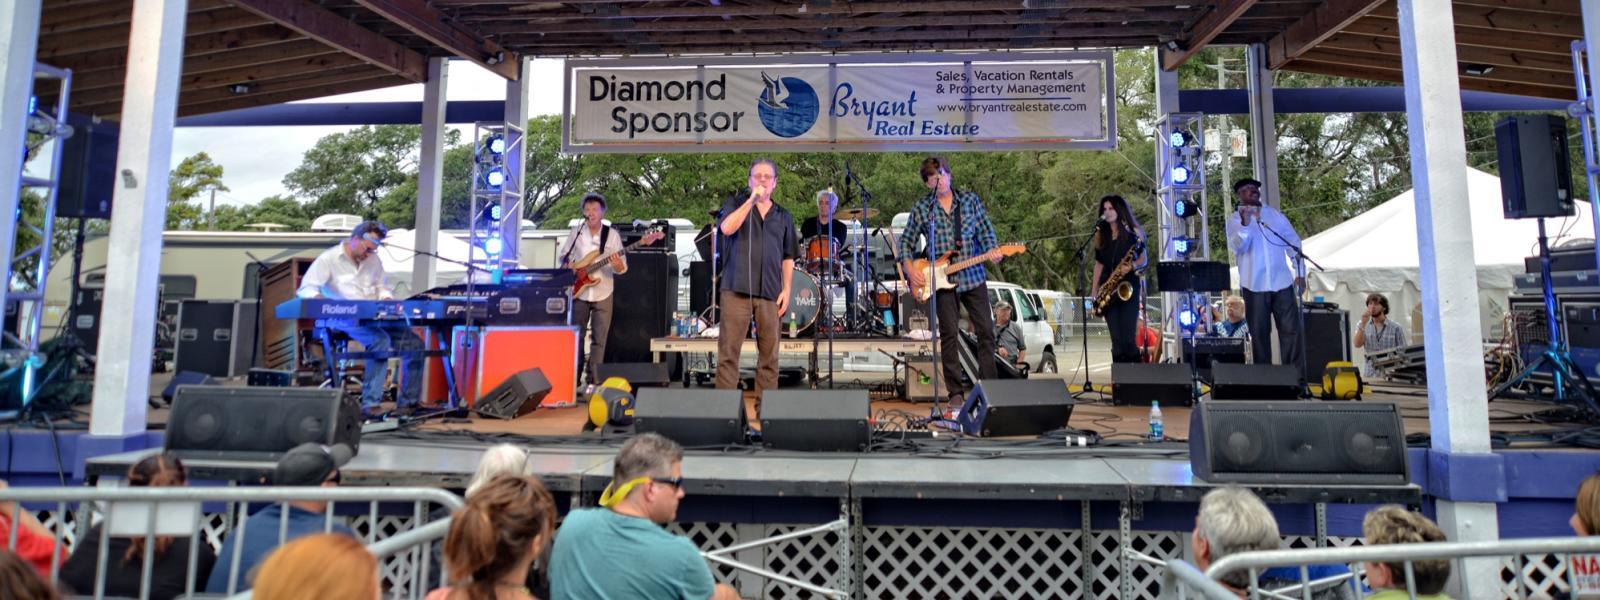 Festivals & Events in Carolina Beach, North Carolina